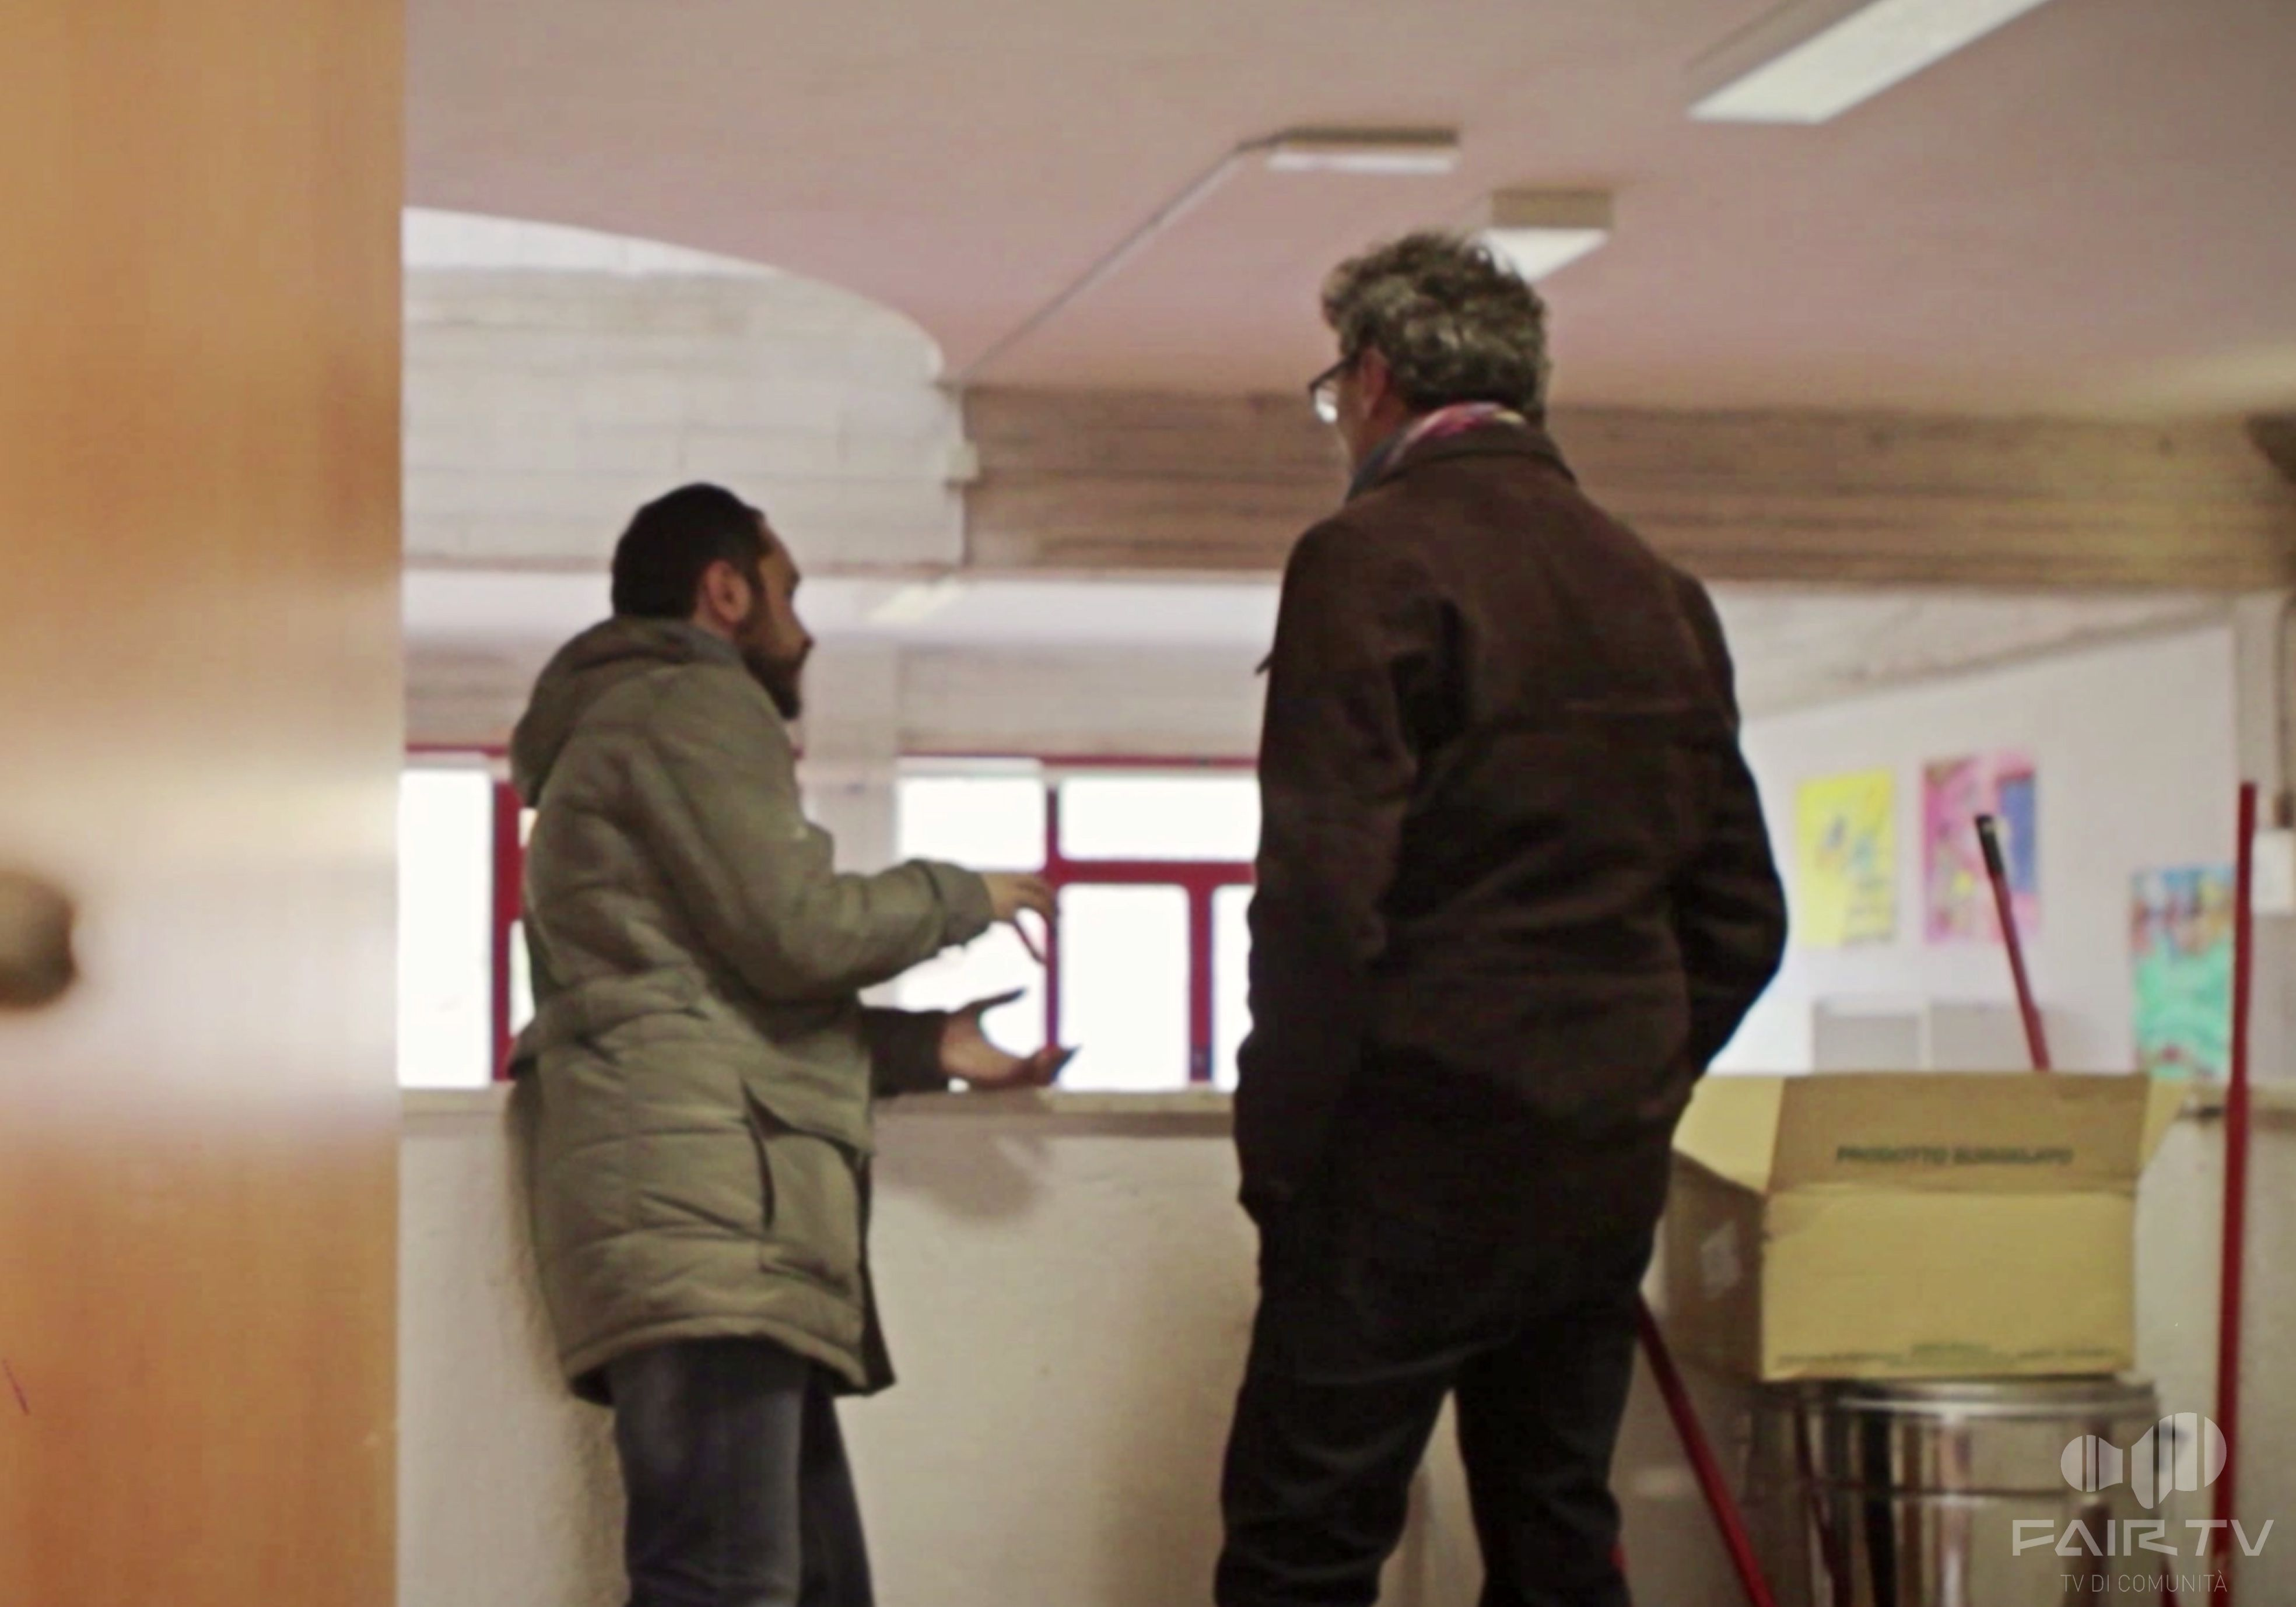 Scuola A.Merini, Perugia, Umbria, Italy. Dove IdeAzioni Civiche a ottenuto il superamento delle stoviglie usa e getta. Durante l'intervista